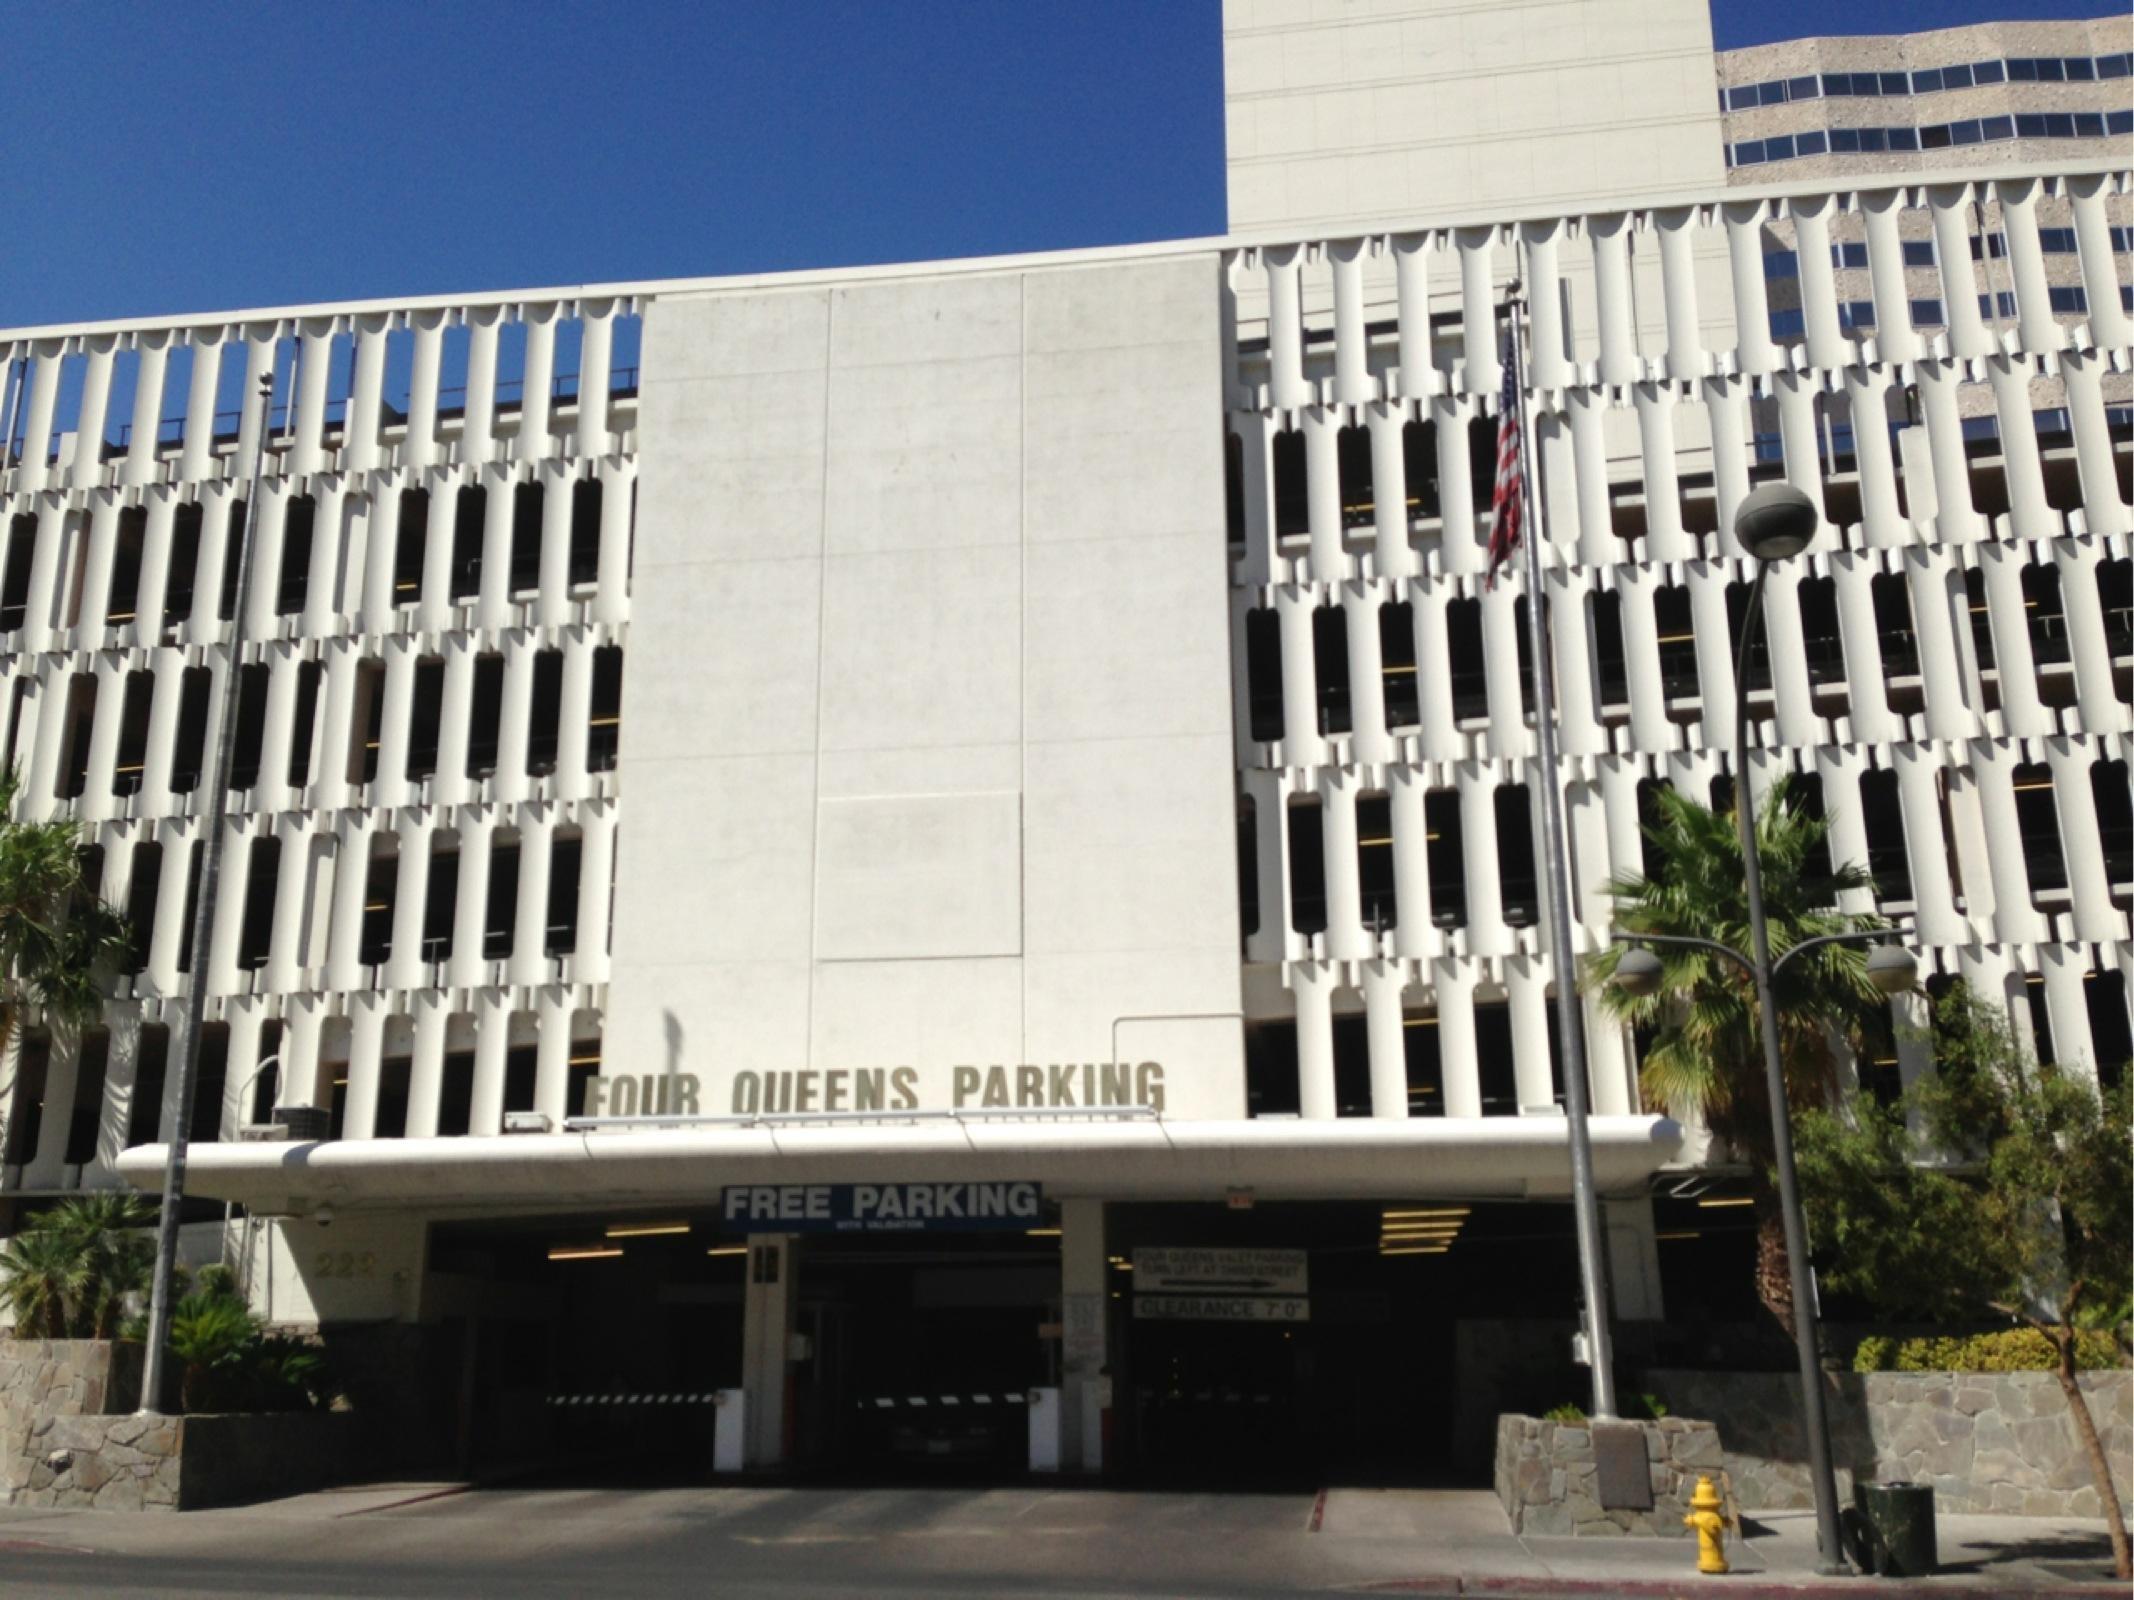 Four Queens Parking - Parking in Las Vegas | ParkMe